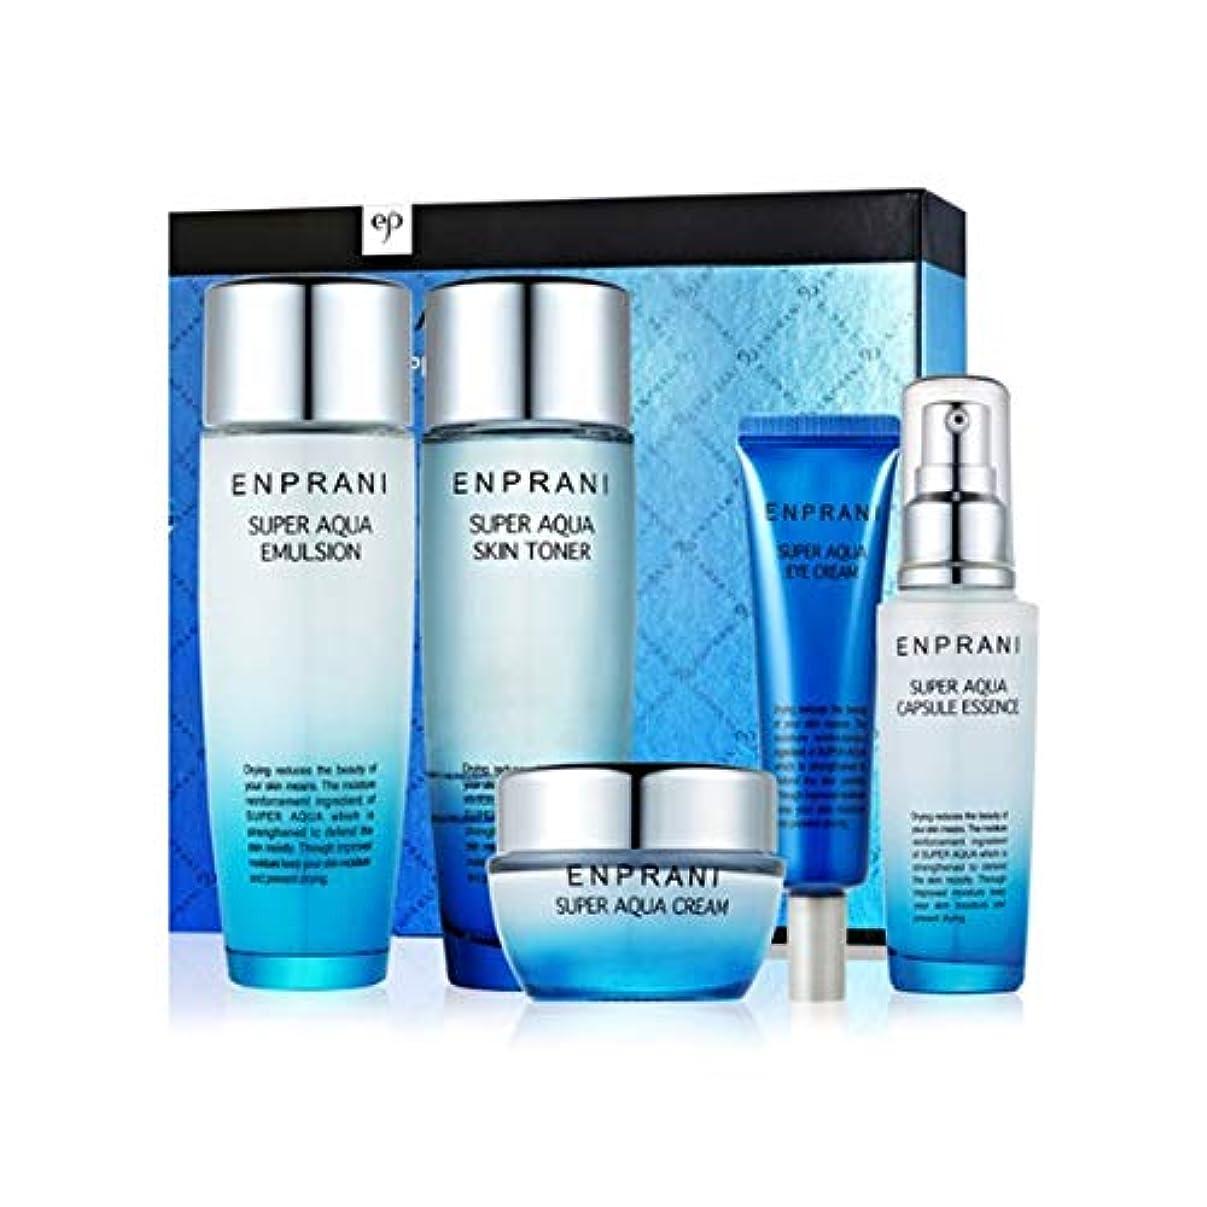 指導する圧縮ウェーハエンプラニスーパーアクアスキンケアセット(トナー150ml、エマルジョン150ml、クリーム50ml、アイクリーム30ml、エッセンス55ml) Enprani Super Aqua Skin Care Set(Toner...